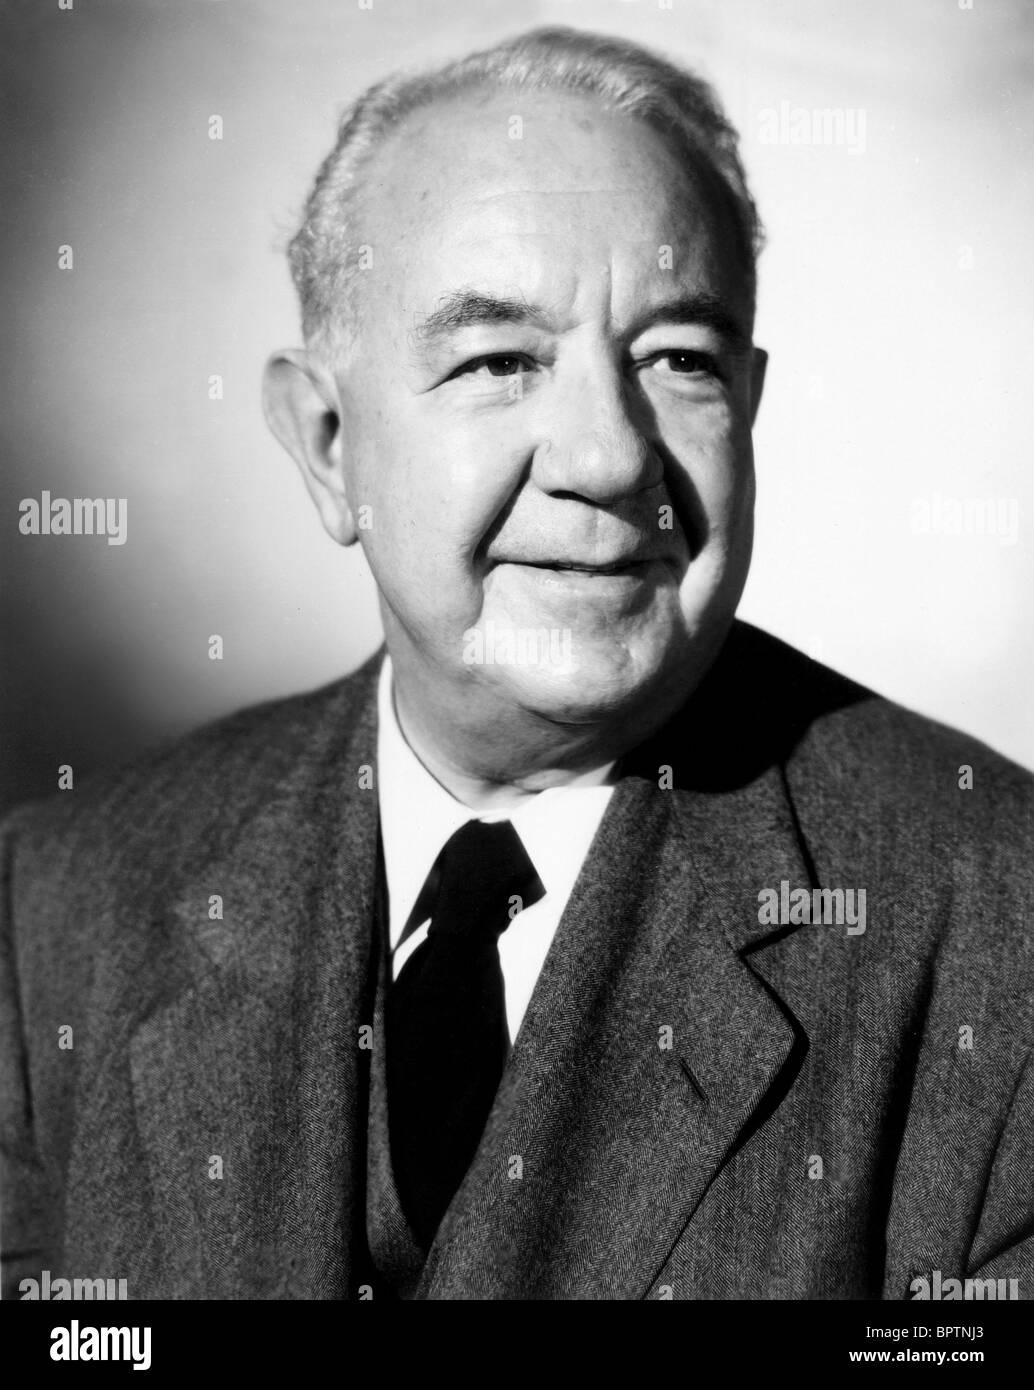 CECIL KELLAWAY ACTOR (1953) - Stock Image